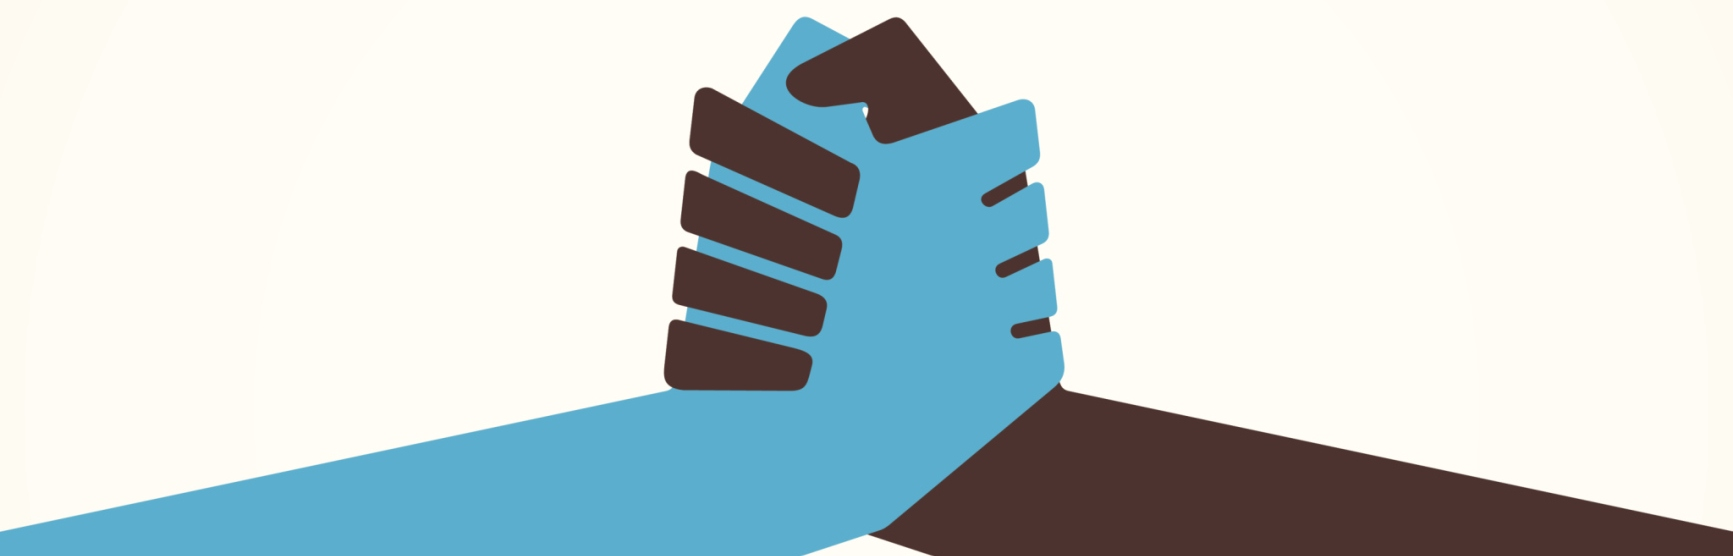 hands grip